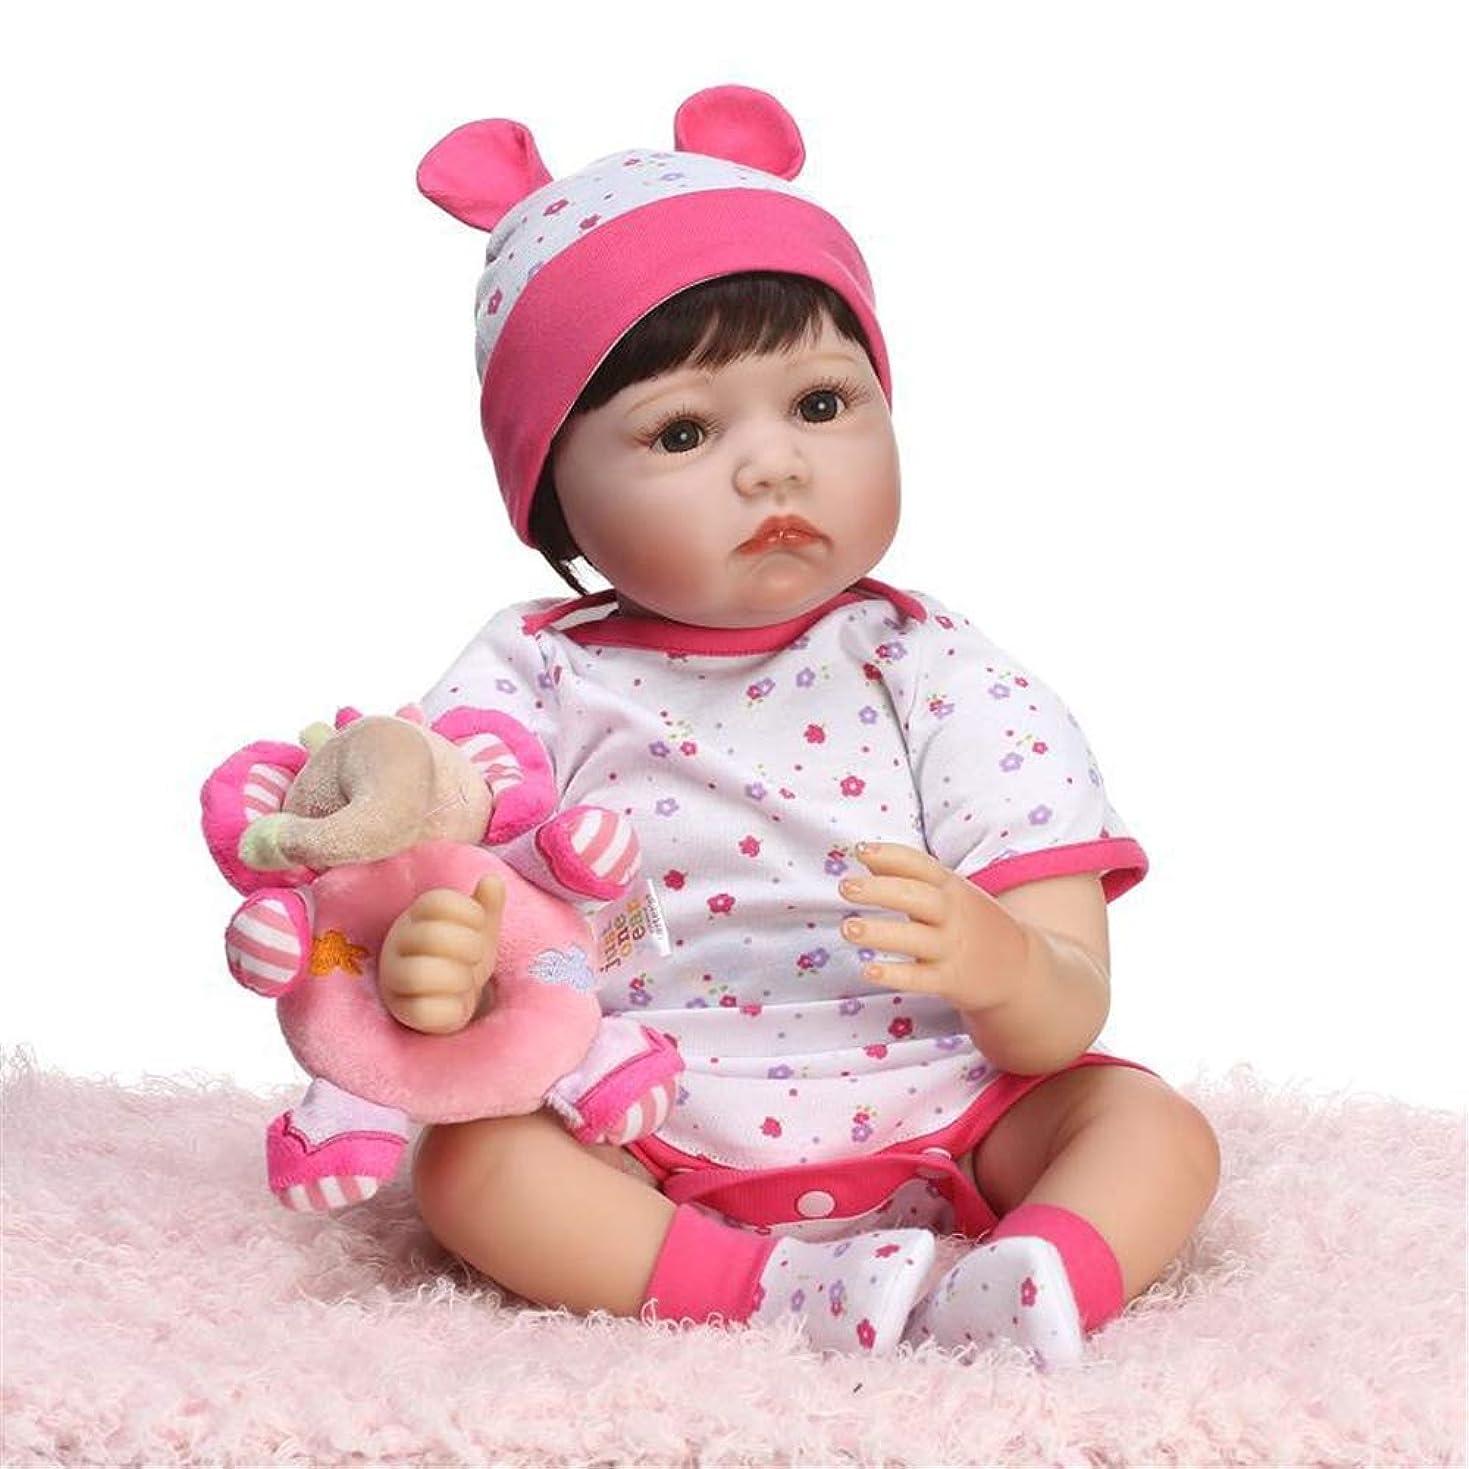 分析体操国歌子供のためのリボーン赤ちゃんの人形かわいい新生児女の子シリコンボディのリアルなリボーンドール21.6インチ55センチメートル美しい花の服偉大な誕生日プレゼント